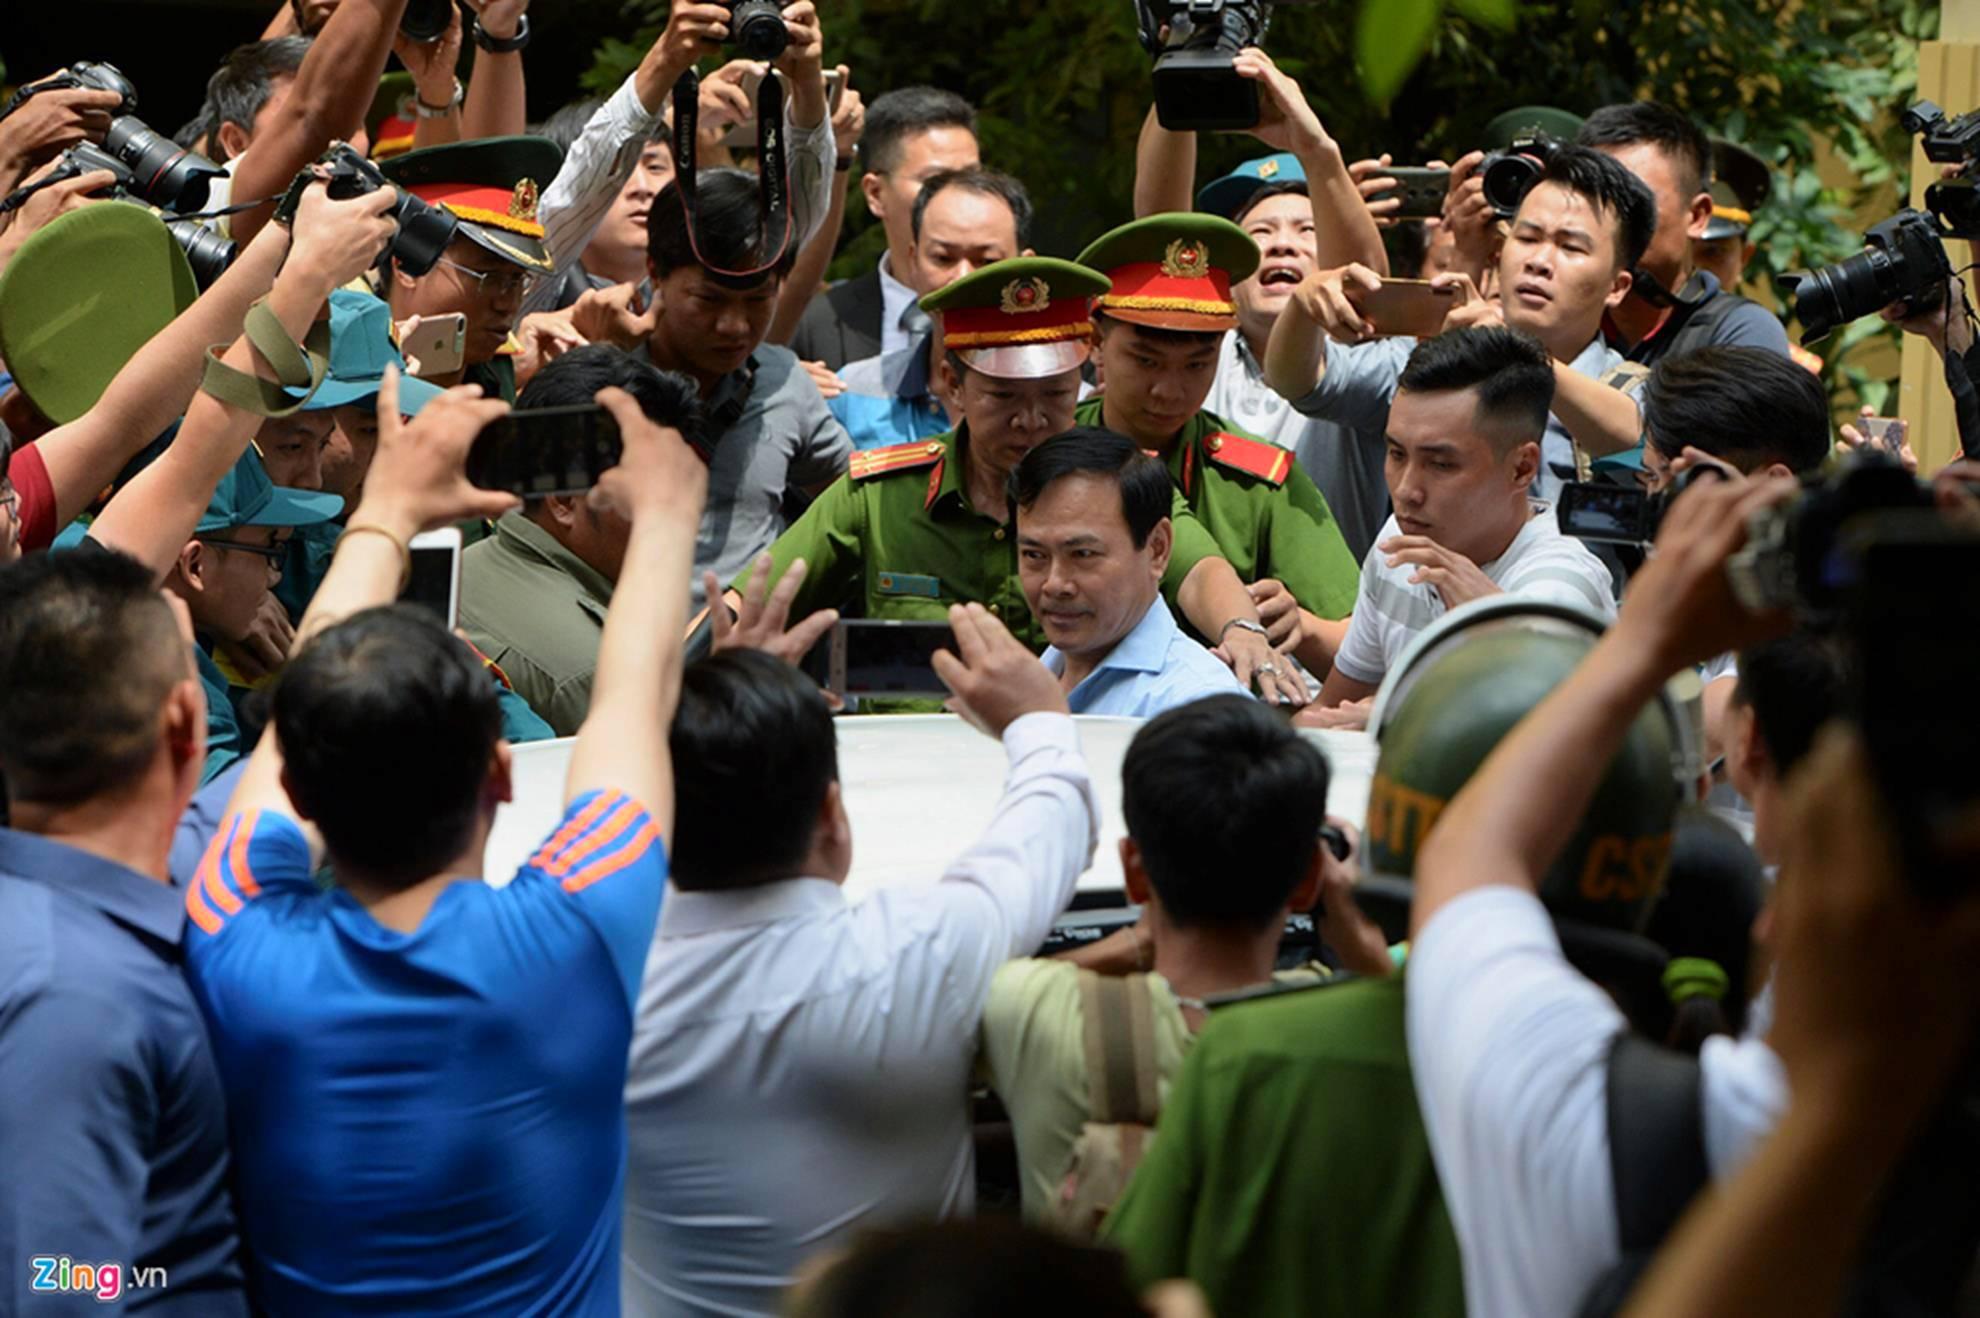 Hàng chục cảnh sát hộ tống Nguyễn Hữu Linh rời tòa-6